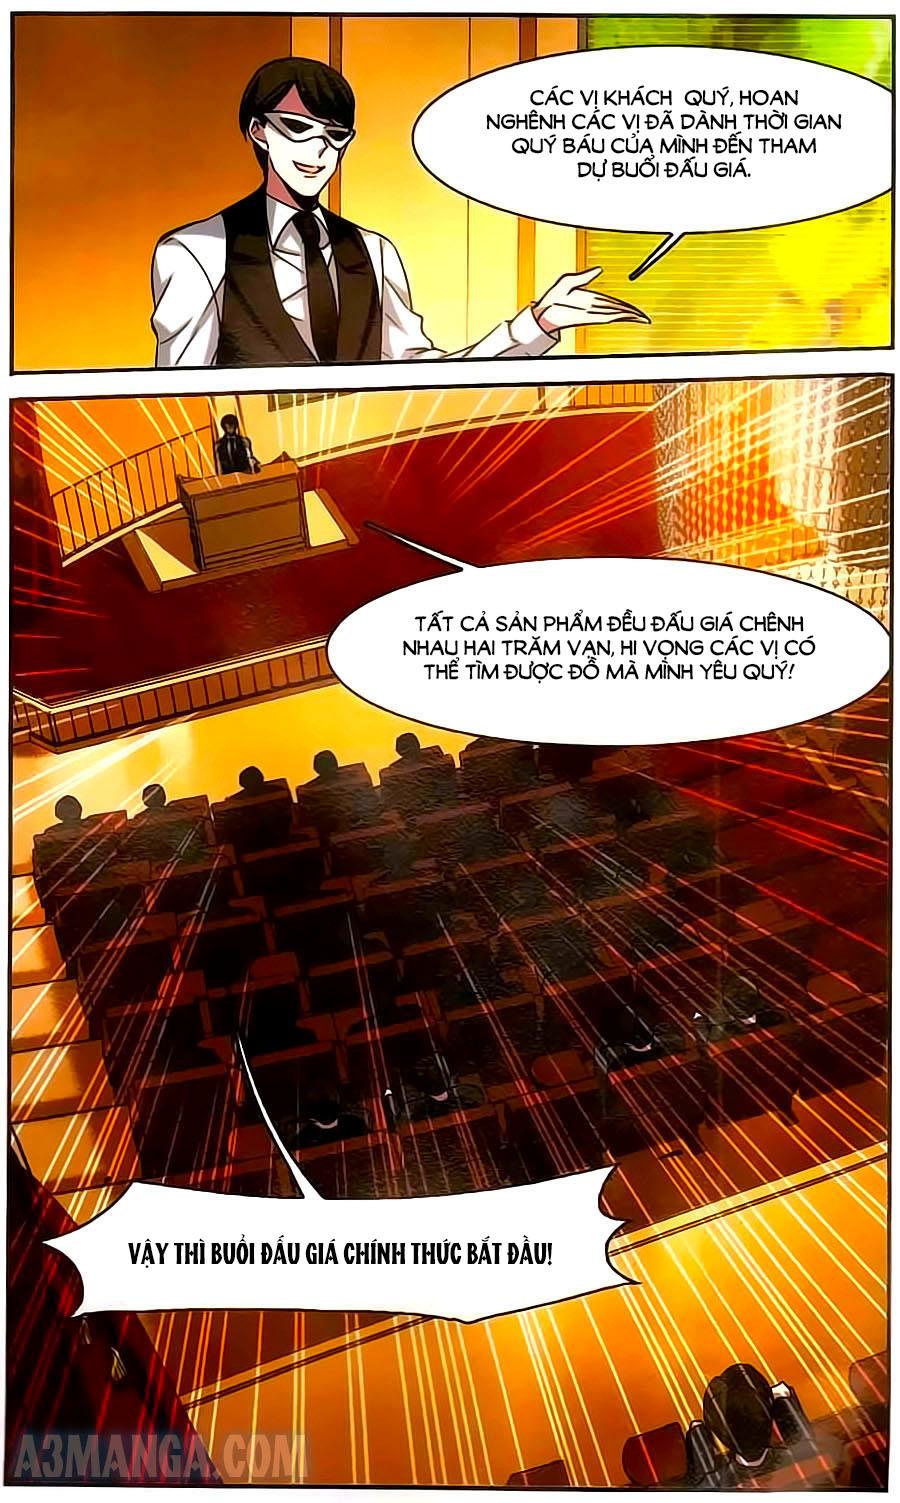 Huyet Toc Cam Vuc Chap 98 - truyen Huyết Tộc Cấm Vực online